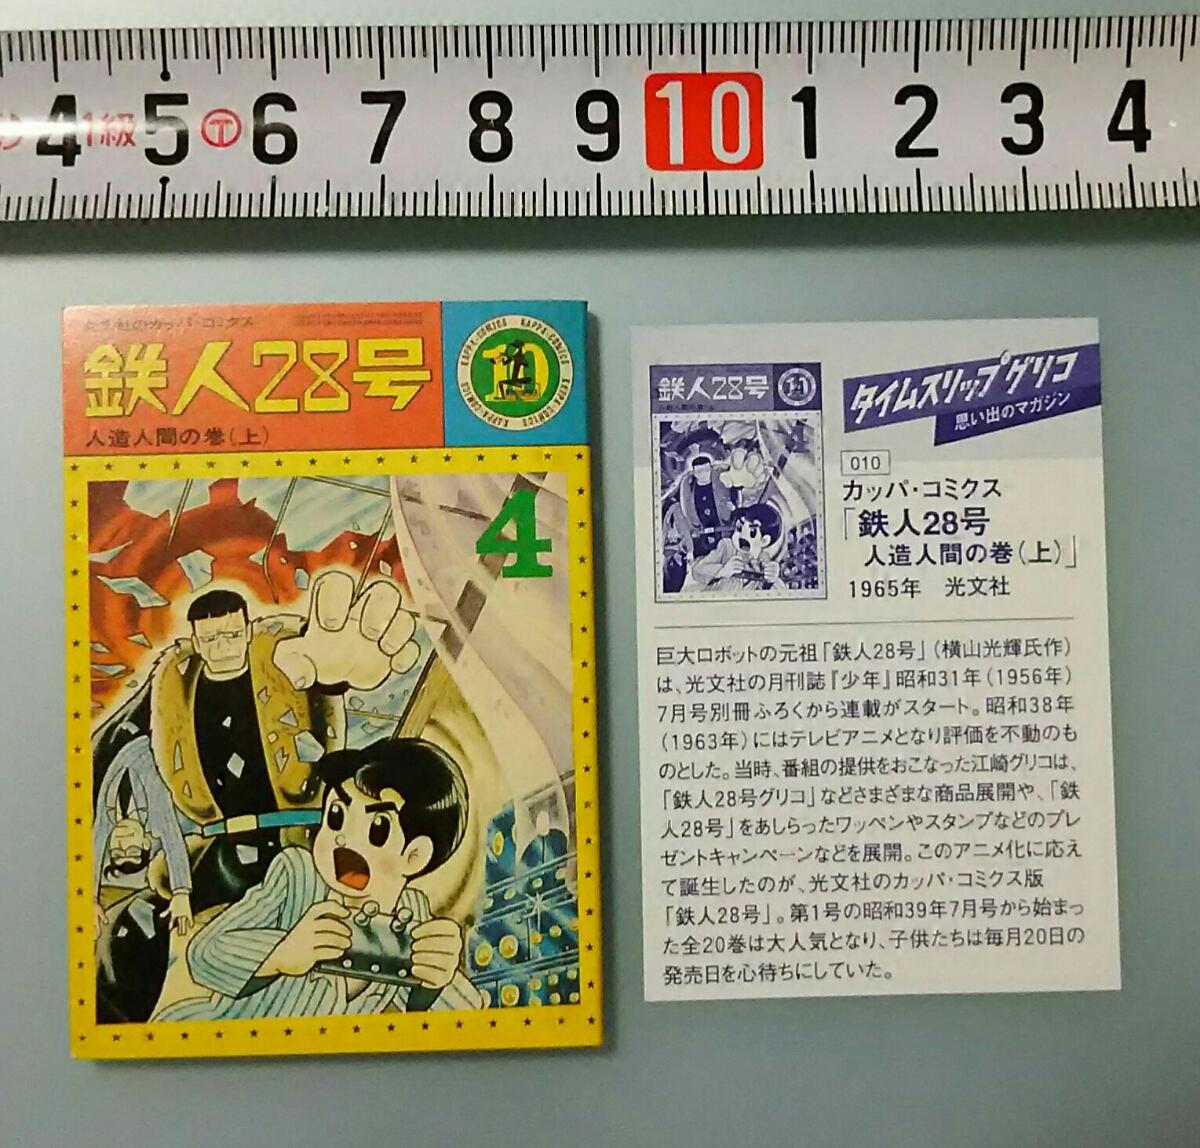 タイムスリップグリコ 思い出のマガジン シークレット カッパ・コミクス 鉄人28号=人造人間の巻(上)